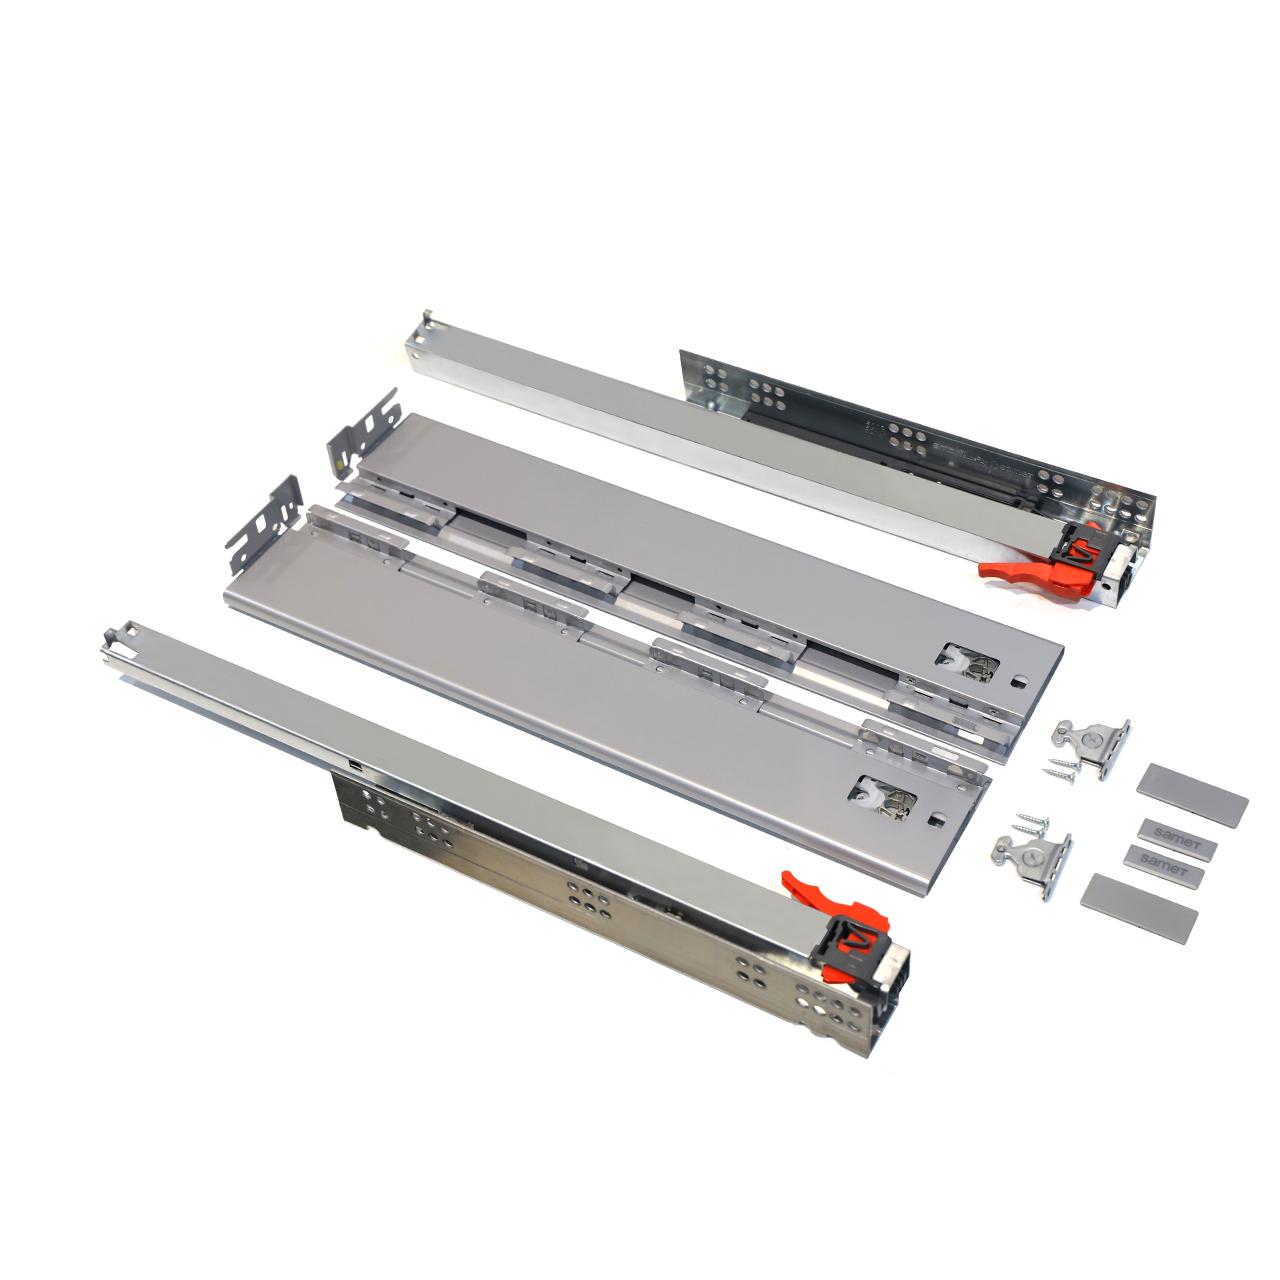 ریل کشو آرام بند صامت مدل  Alphabox GR40 سایز 40 سانتیمتری بسته 2 عددی